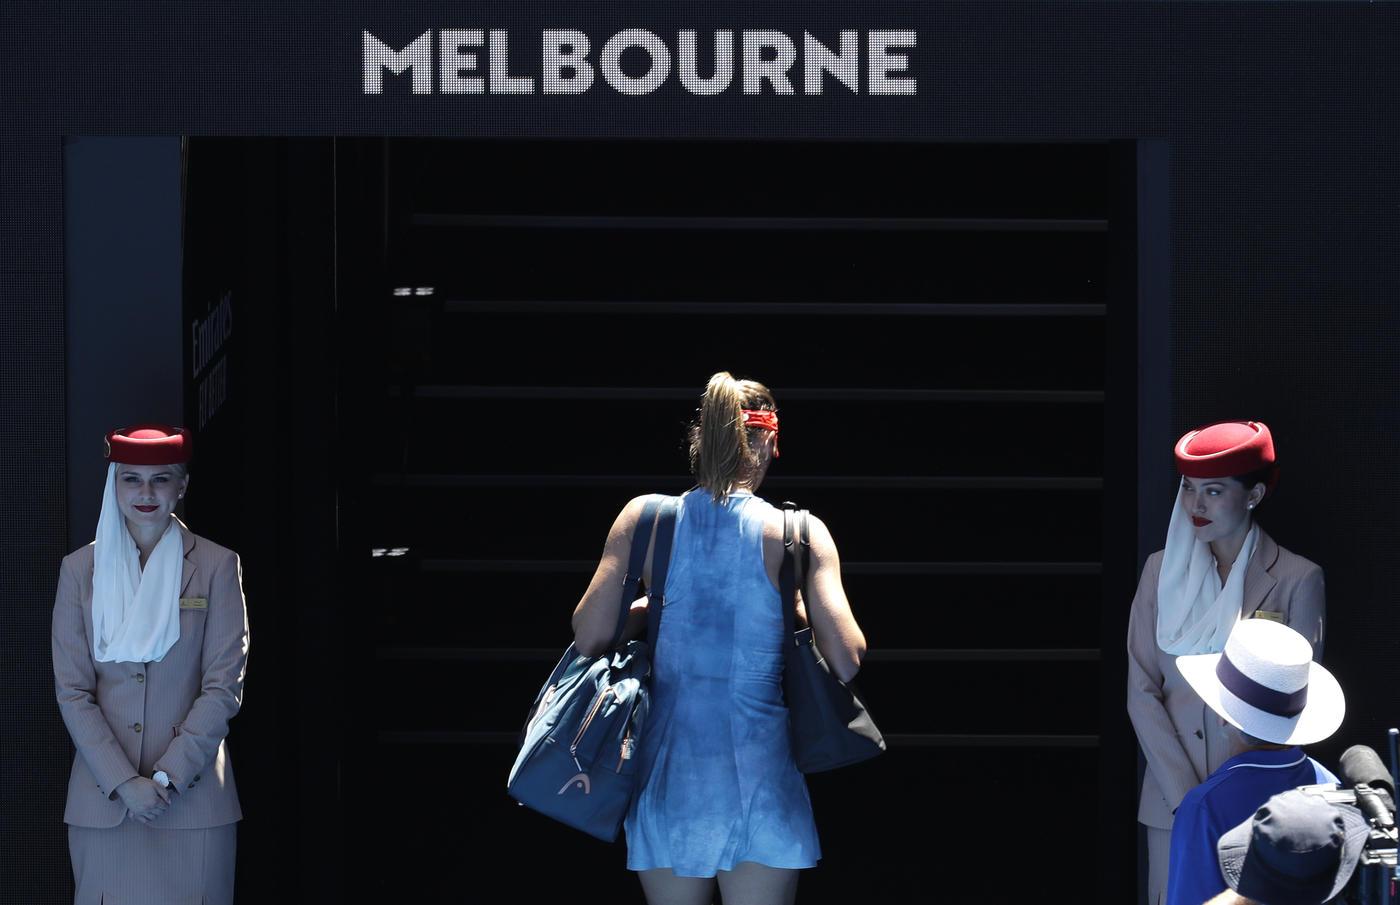 Шарапова вылетела с Australian Open и не стала отвечать на вопросы о допинге - фото